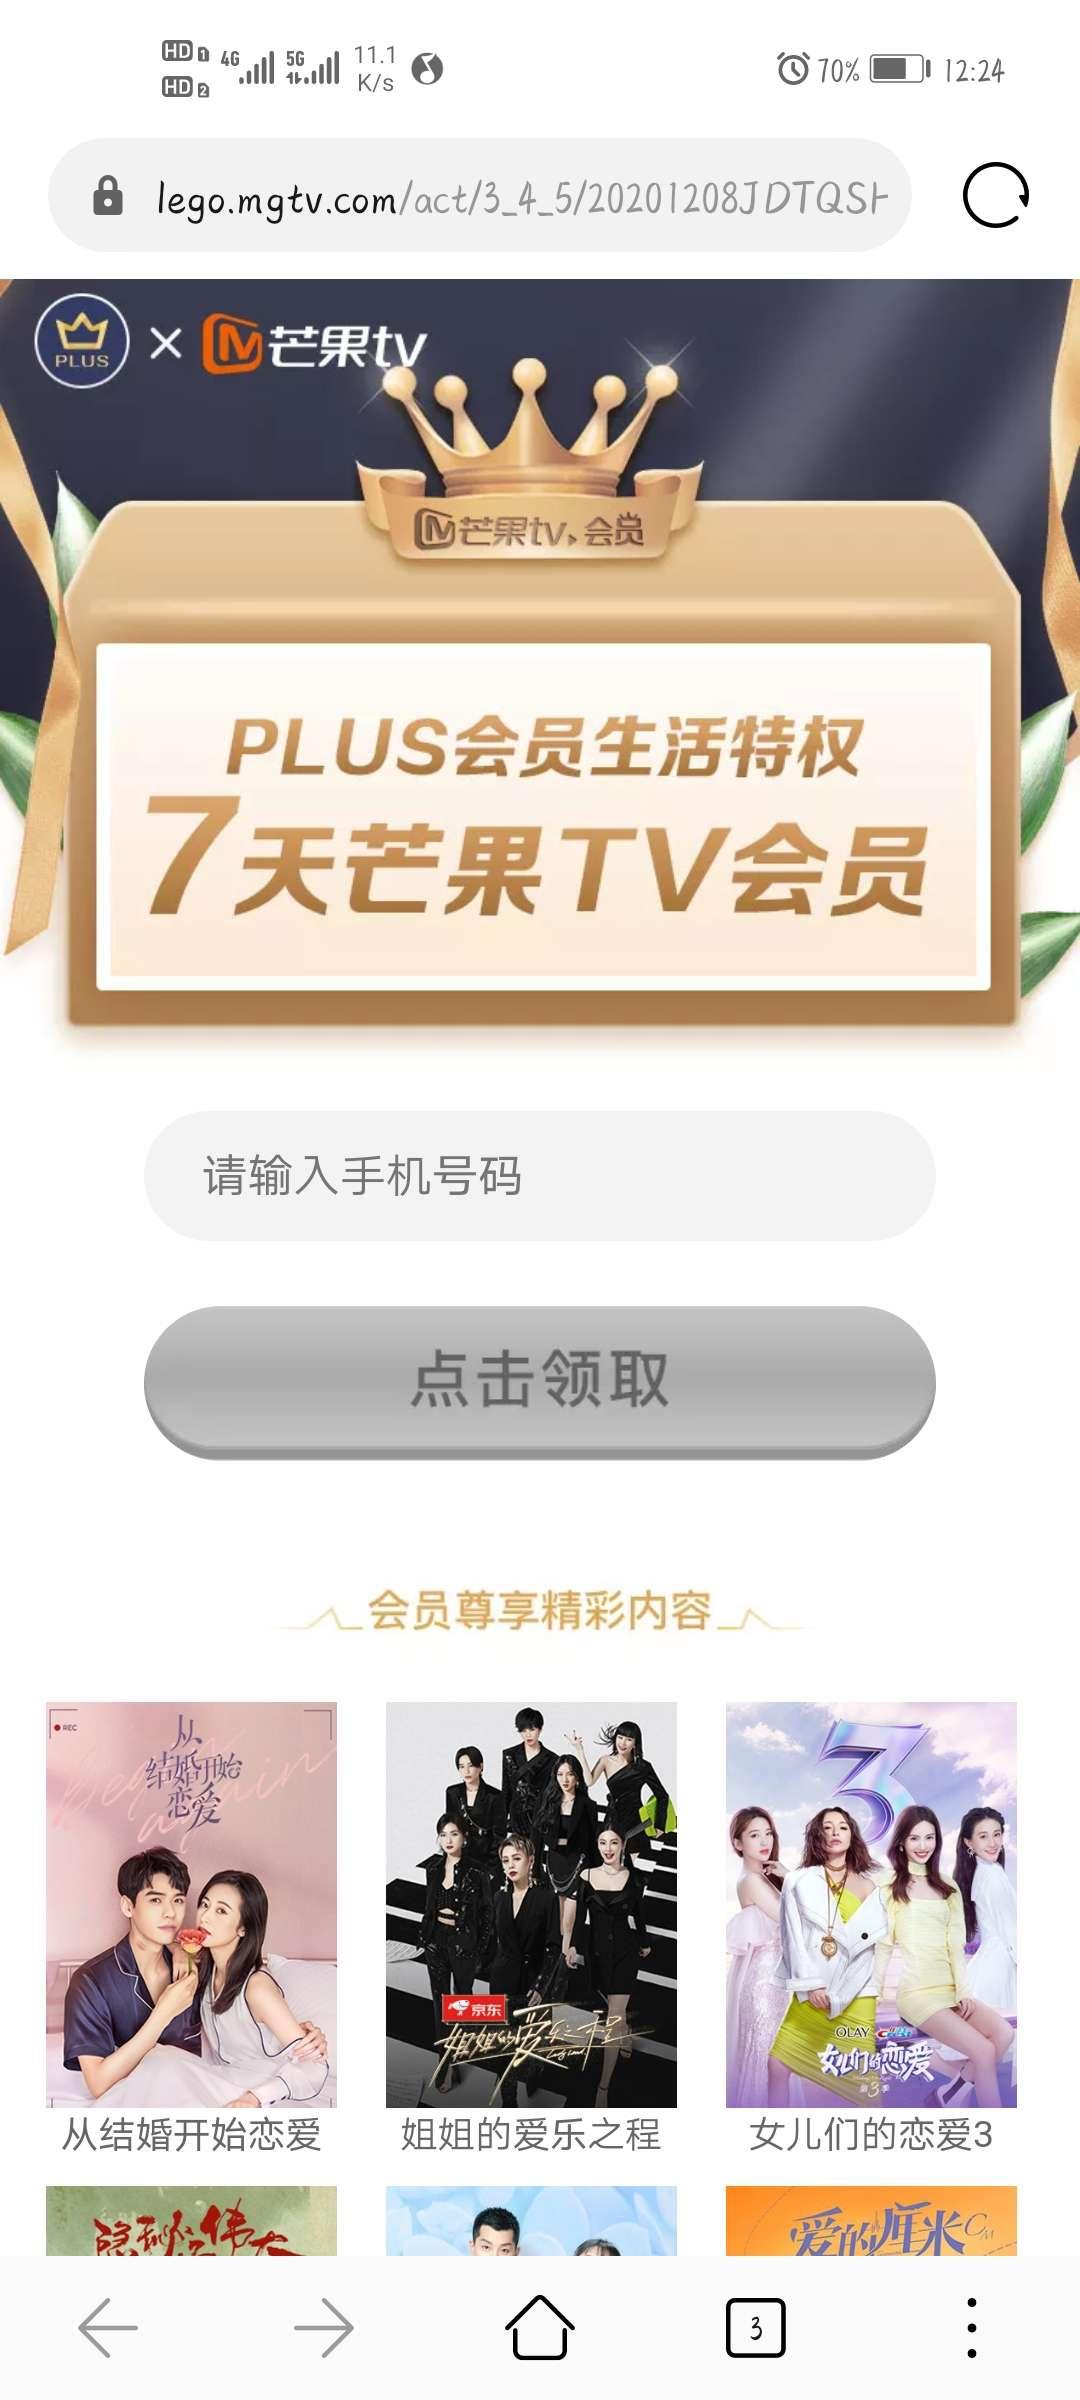 【虚拟物品】免费领取7天芒果TV会员-聚合资源网